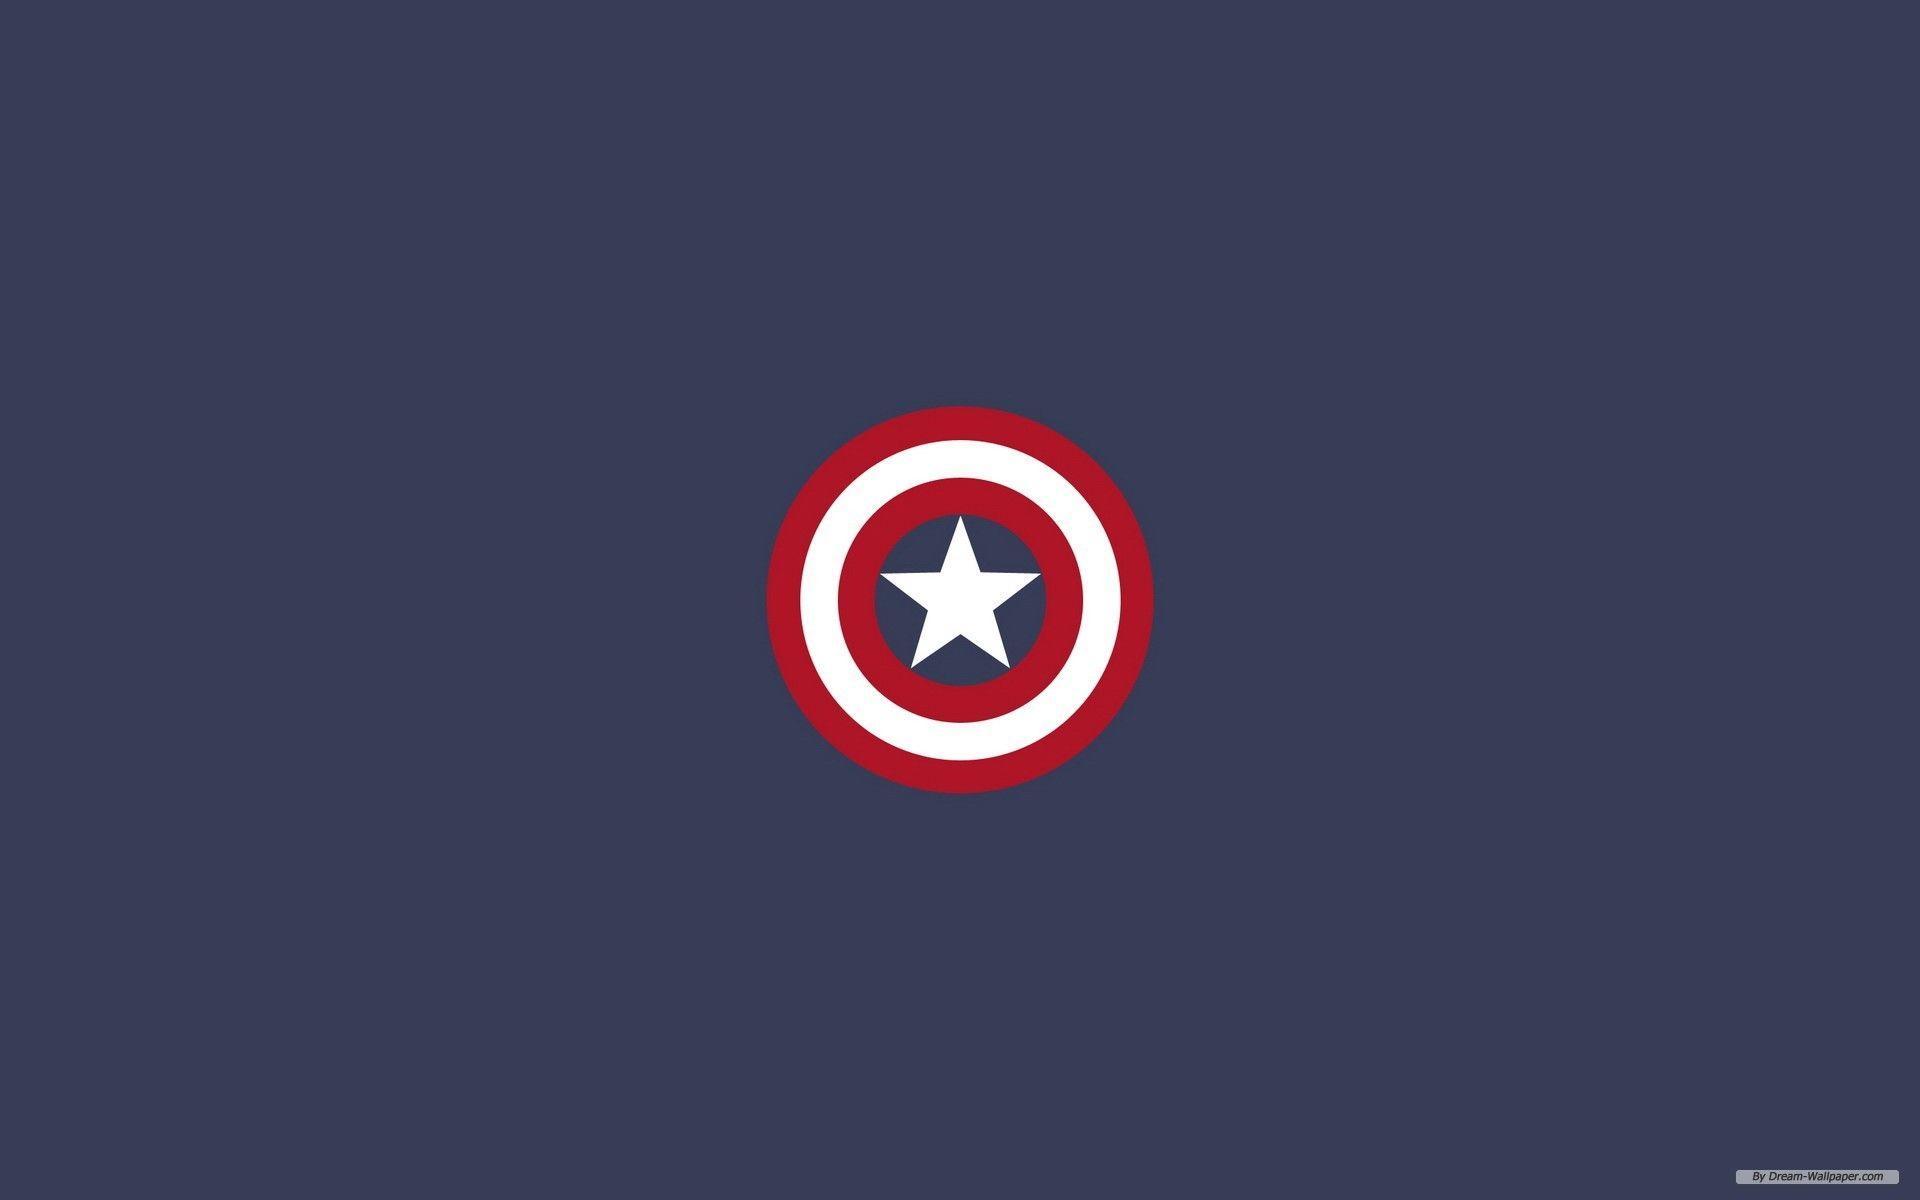 Captain America Minimal Wallpapers Wallpaper Cave